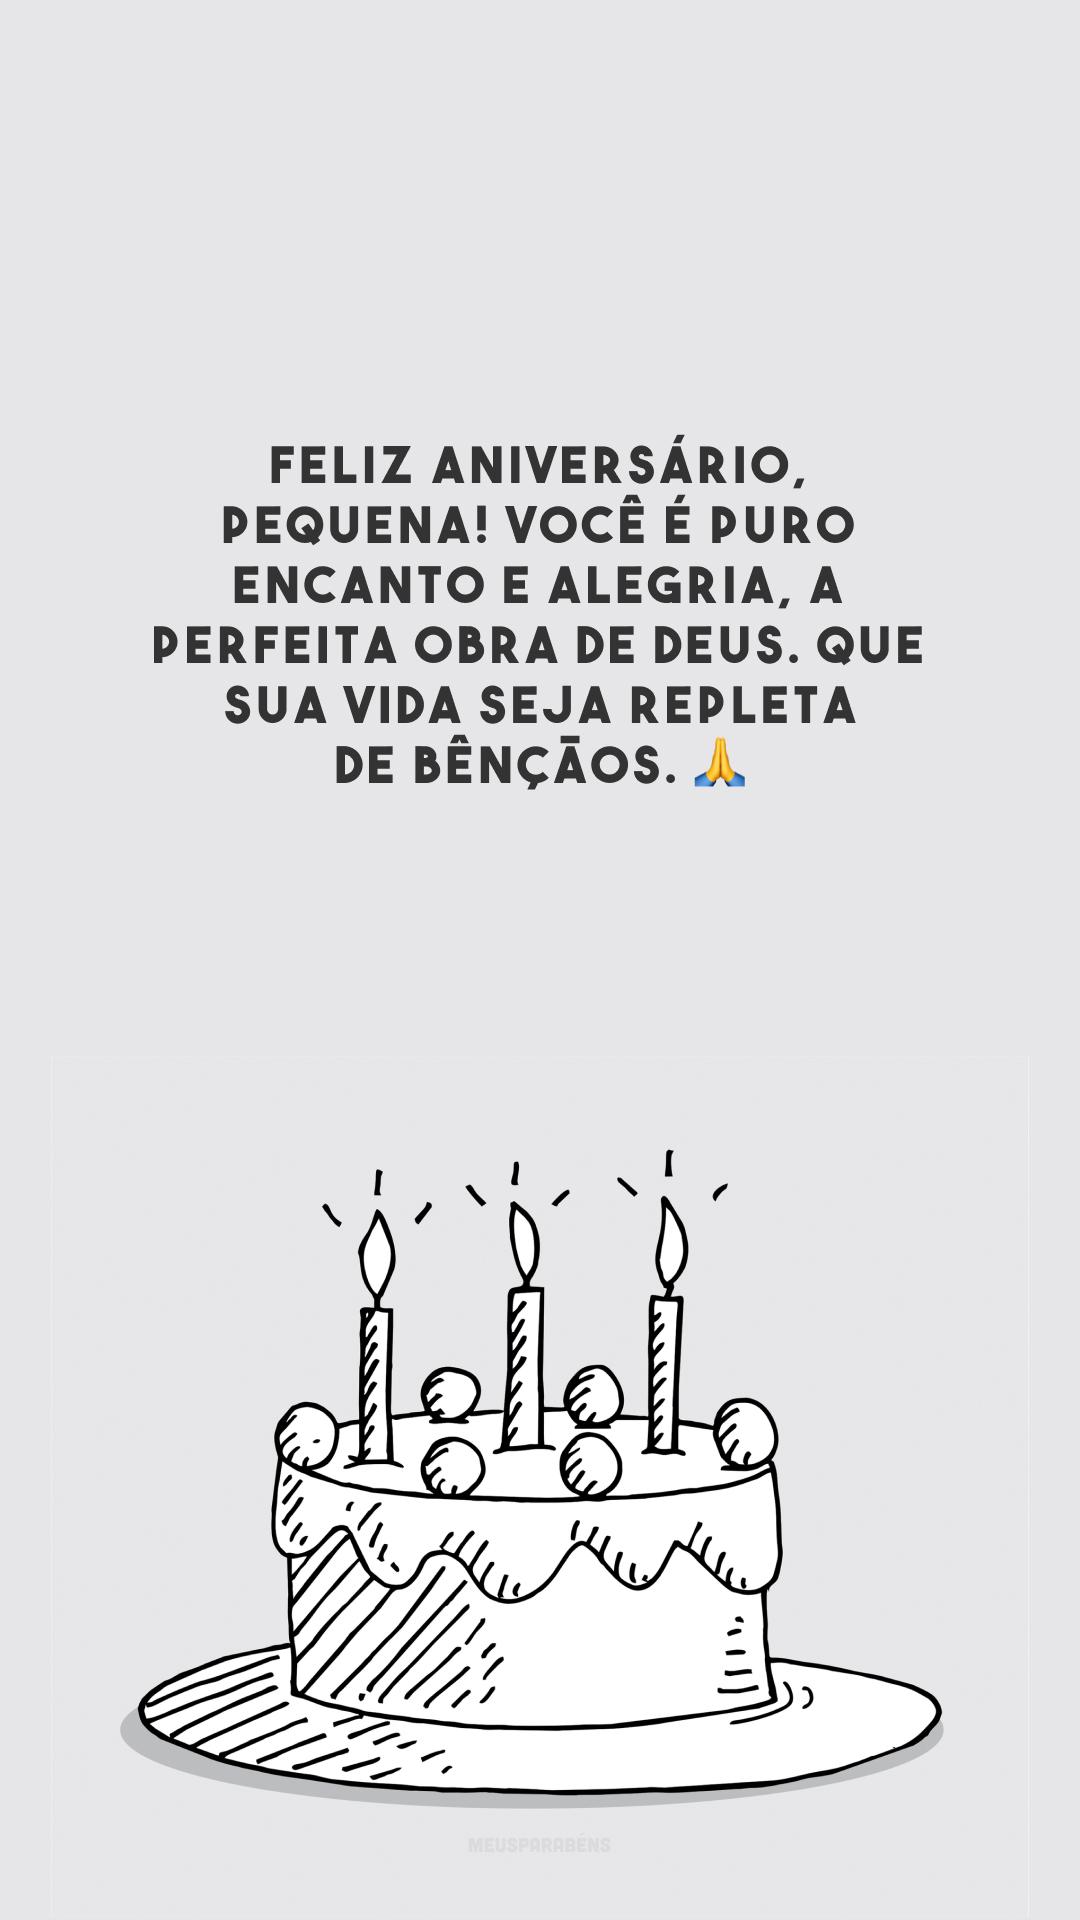 Feliz aniversário, pequena! Você é puro encanto e alegria, a perfeita obra de Deus. Que sua vida seja repleta de bênçãos. 🙏